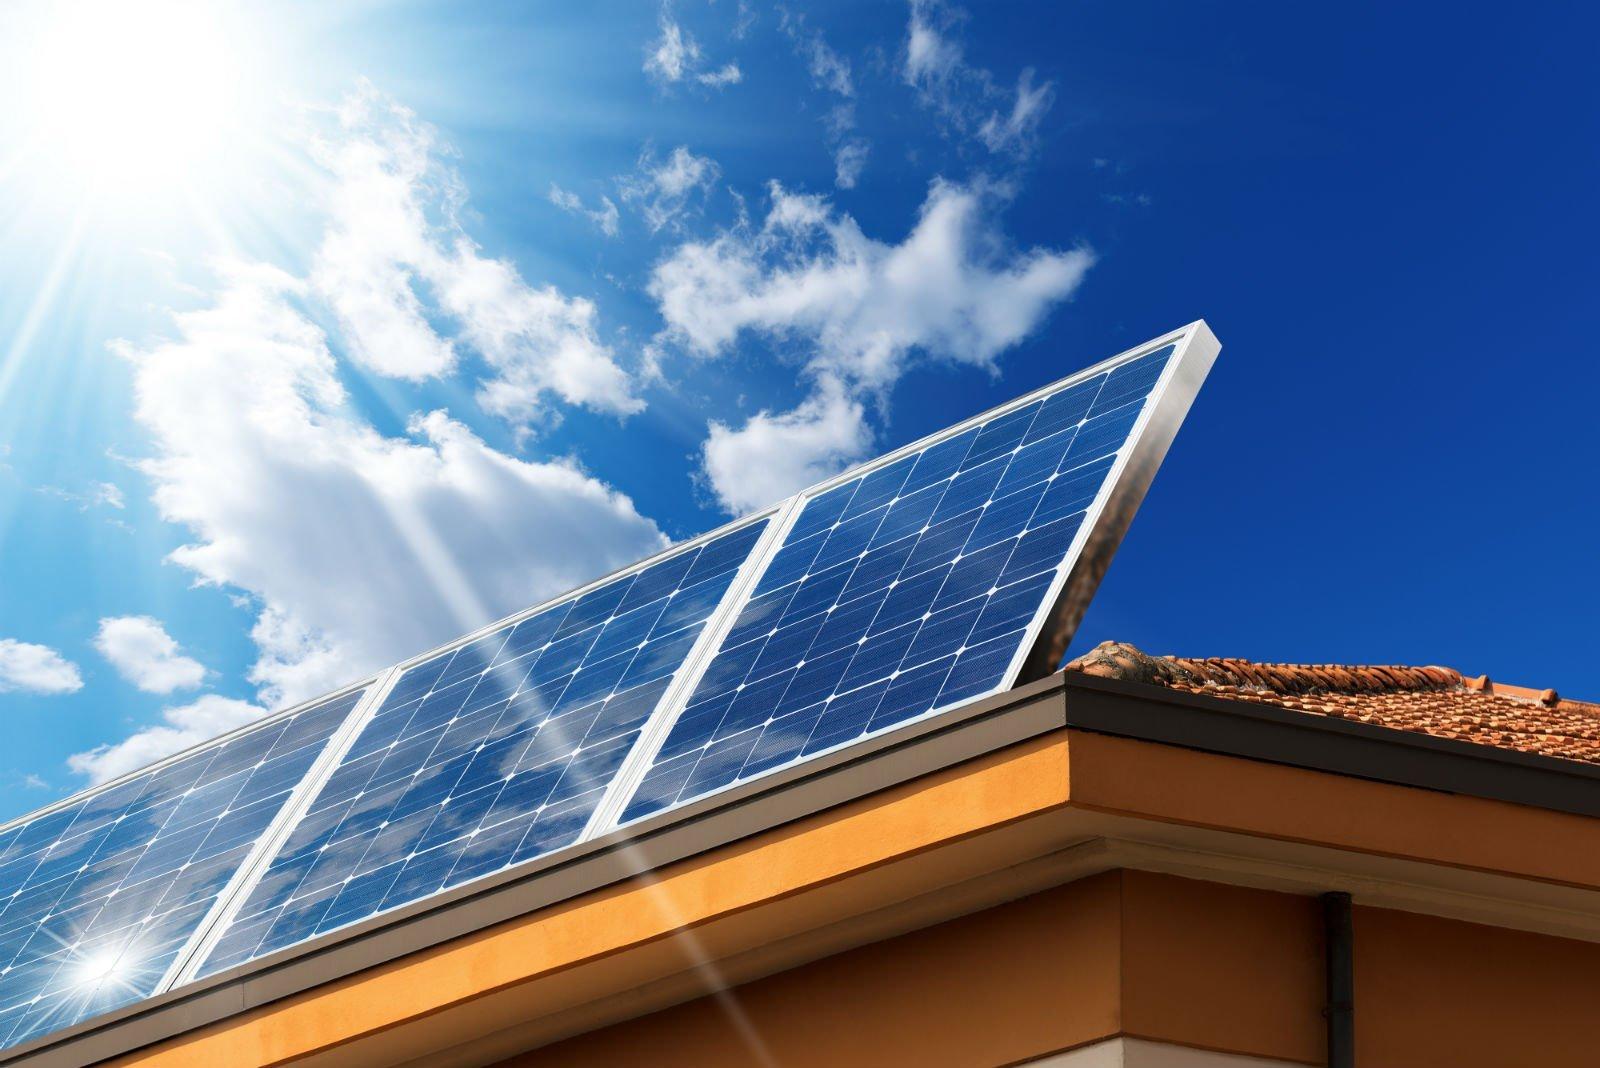 Vista dal basso di pannelli solari su un tetto